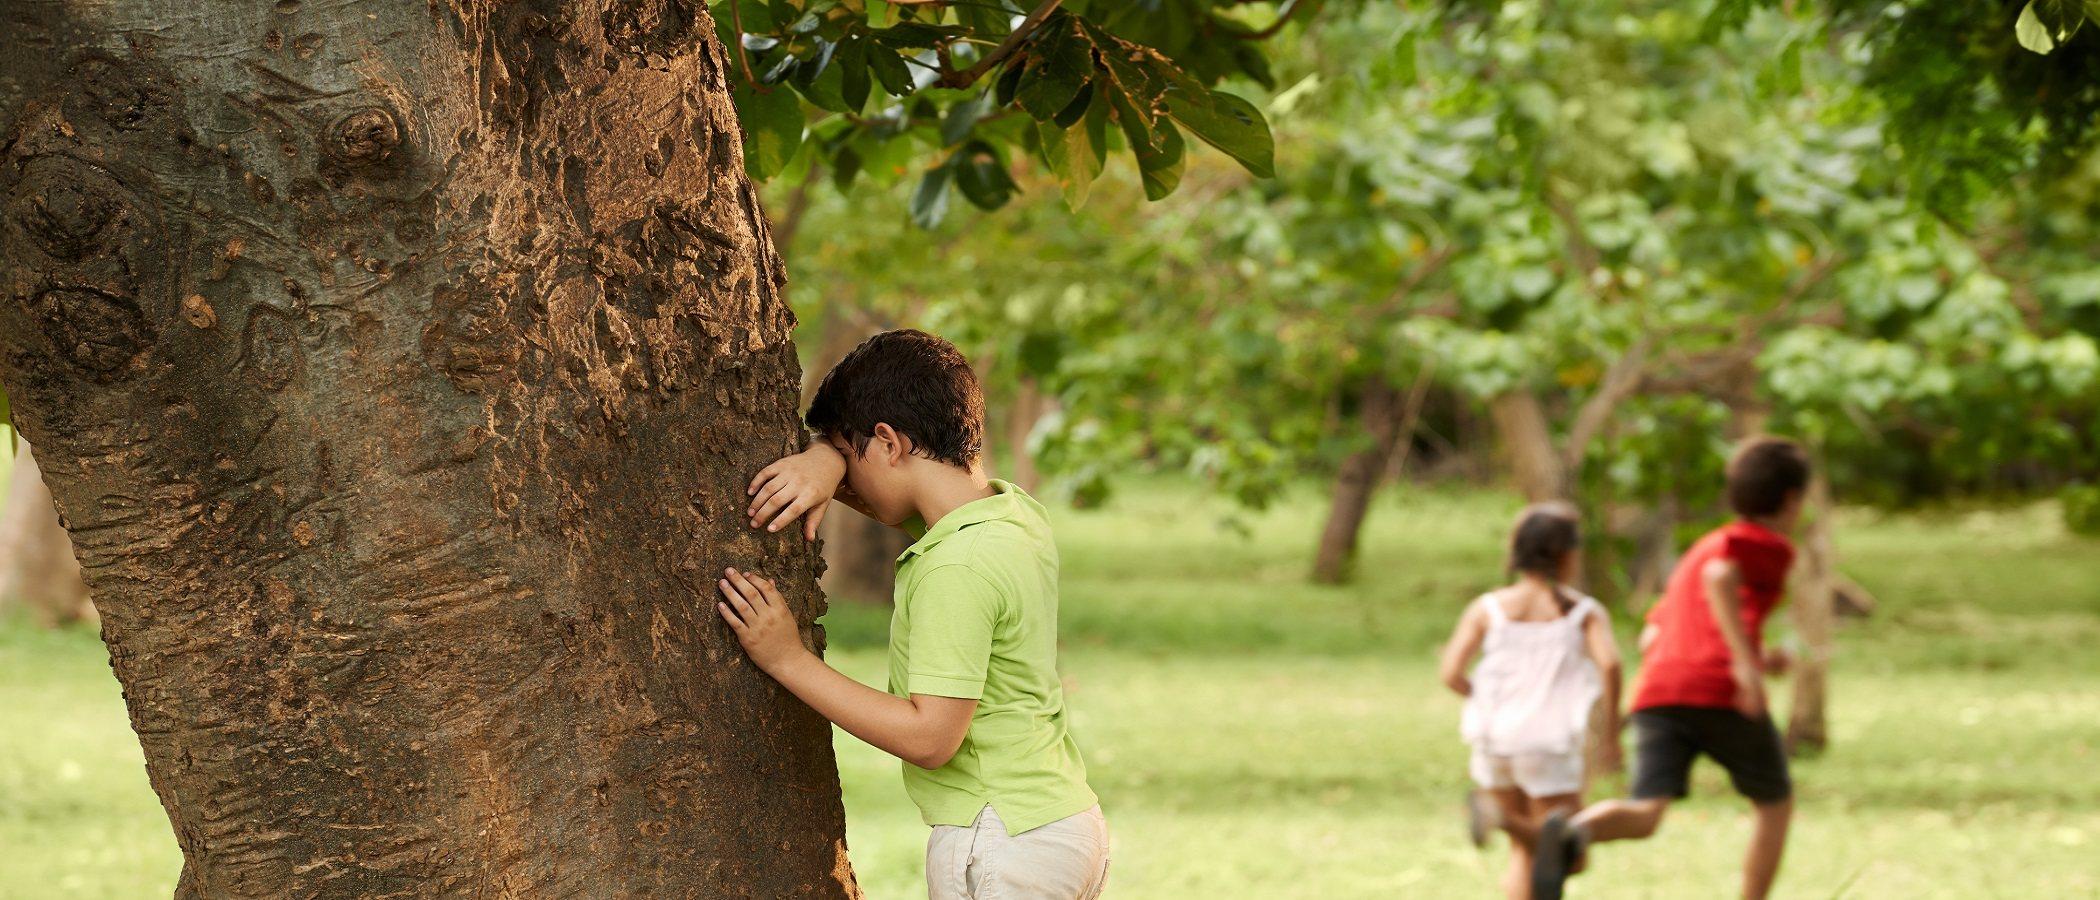 Por qué a los niños pequeños les encanta esconderse